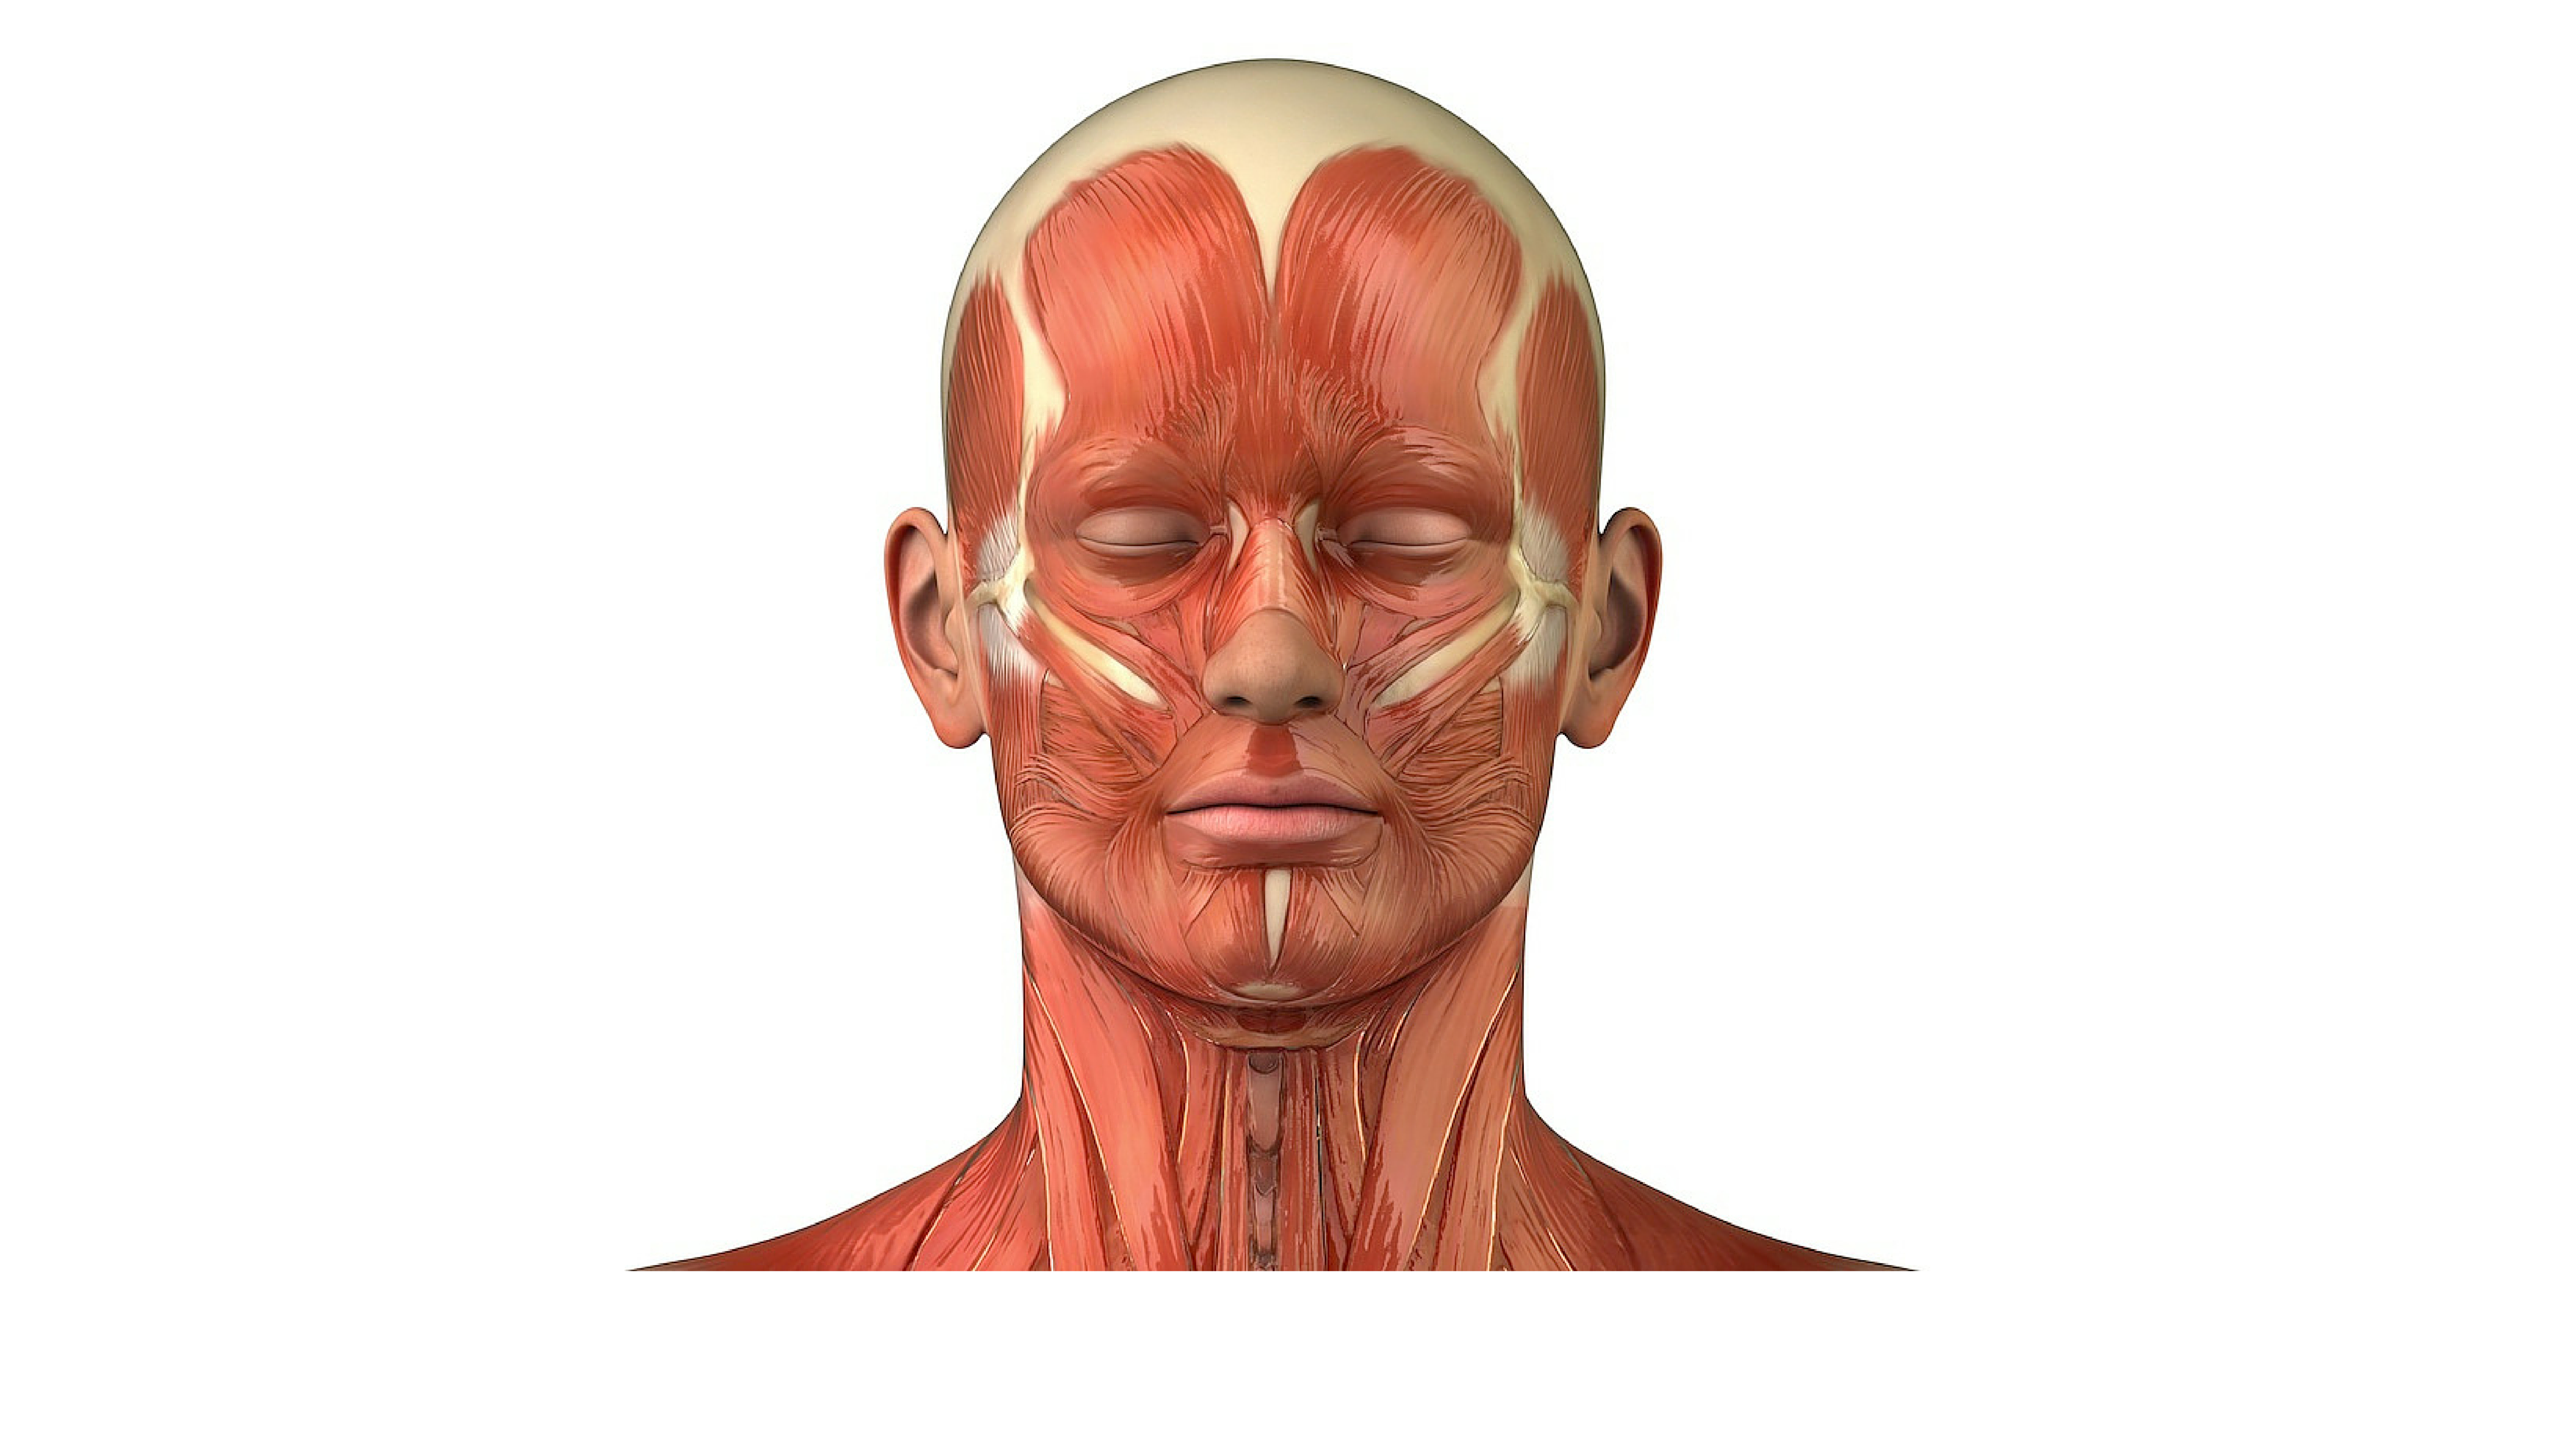 Anatomia facial – Músculos da Face | MUSCULOS DA FACE BOOK | Pinterest